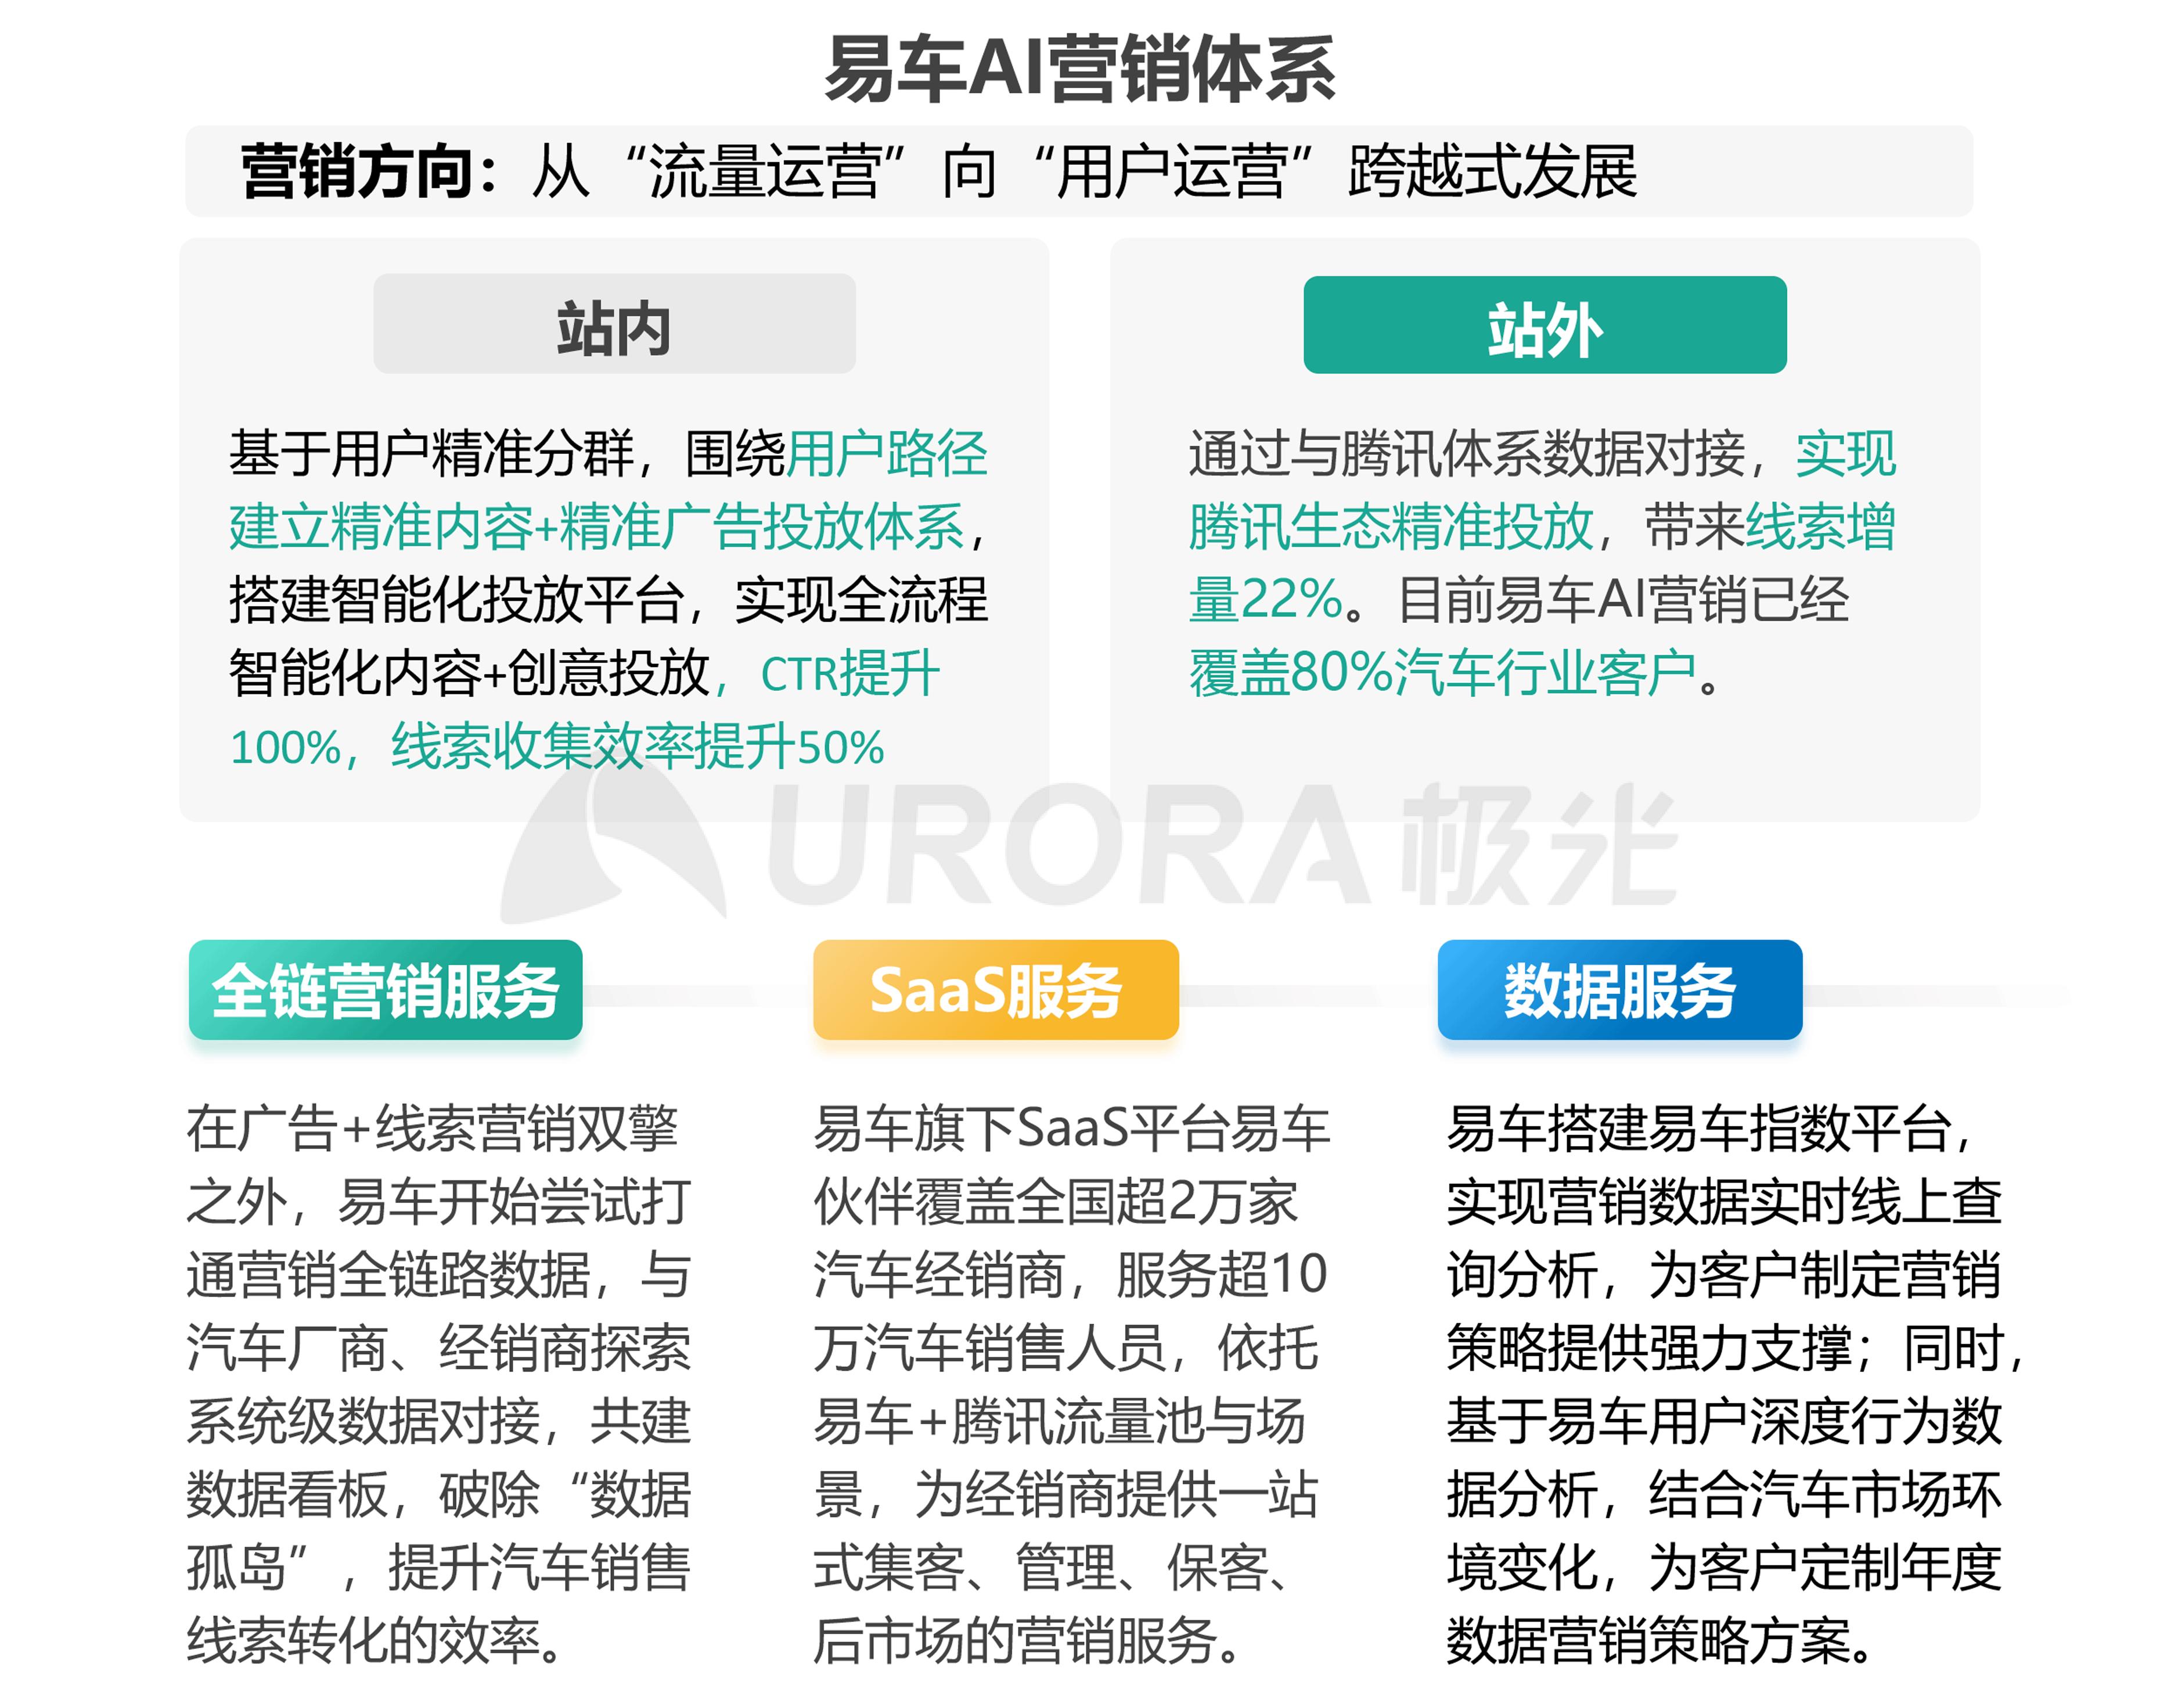 极光:汽车资讯行业洞察 (21).png